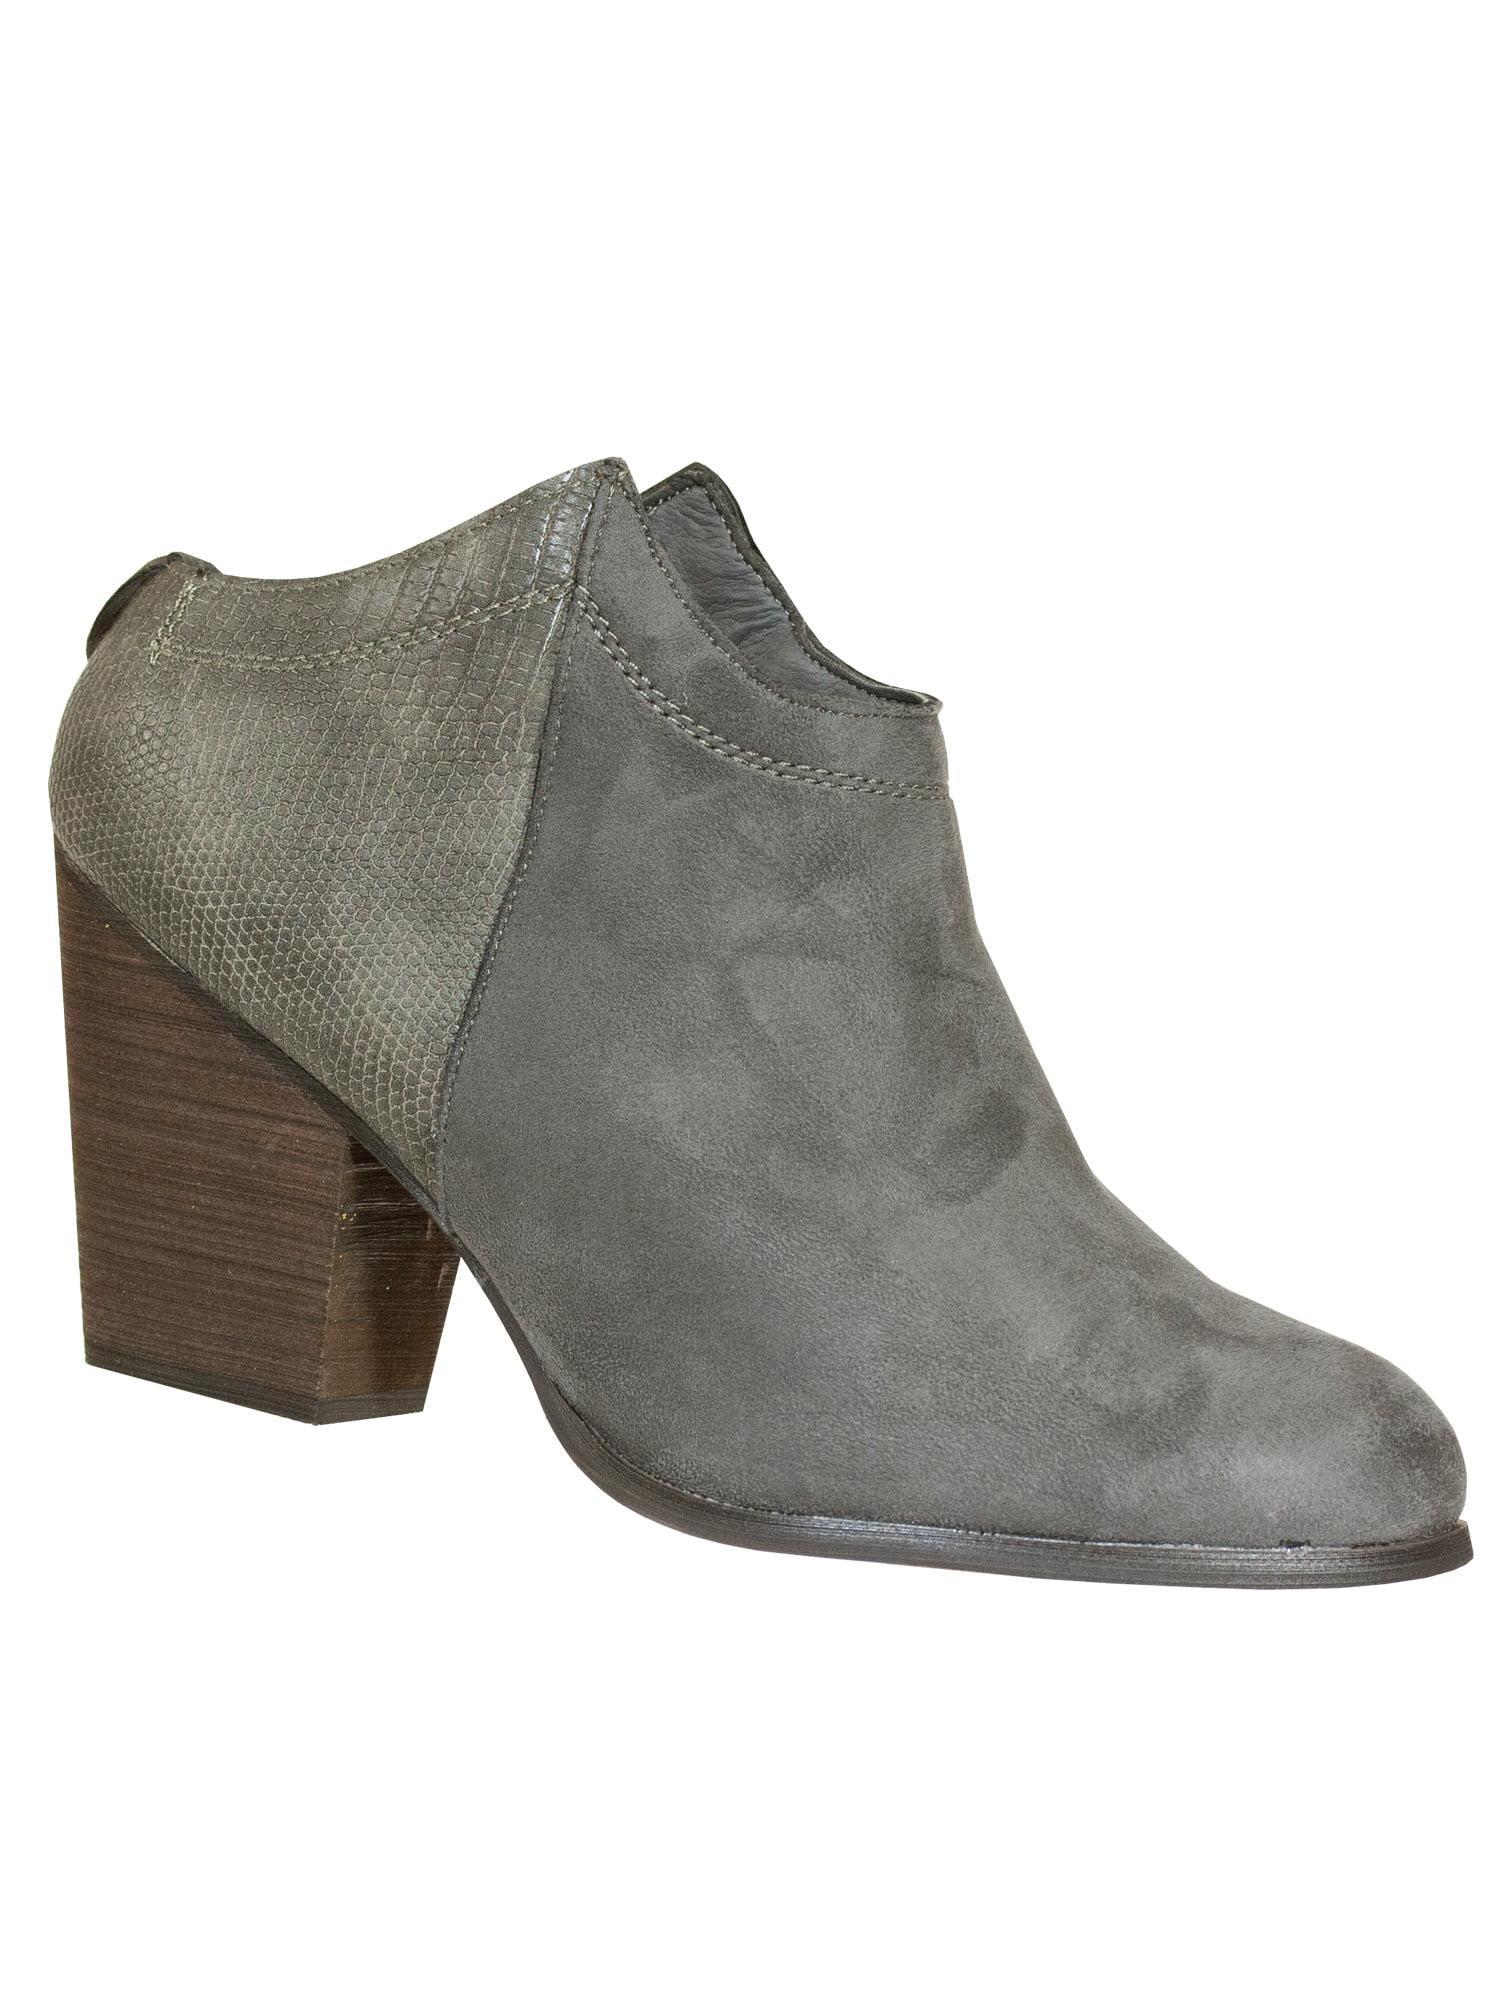 Corkys Footwear Take Off Women's Bootie Shoe Grey 10 M by Corkys Footwear